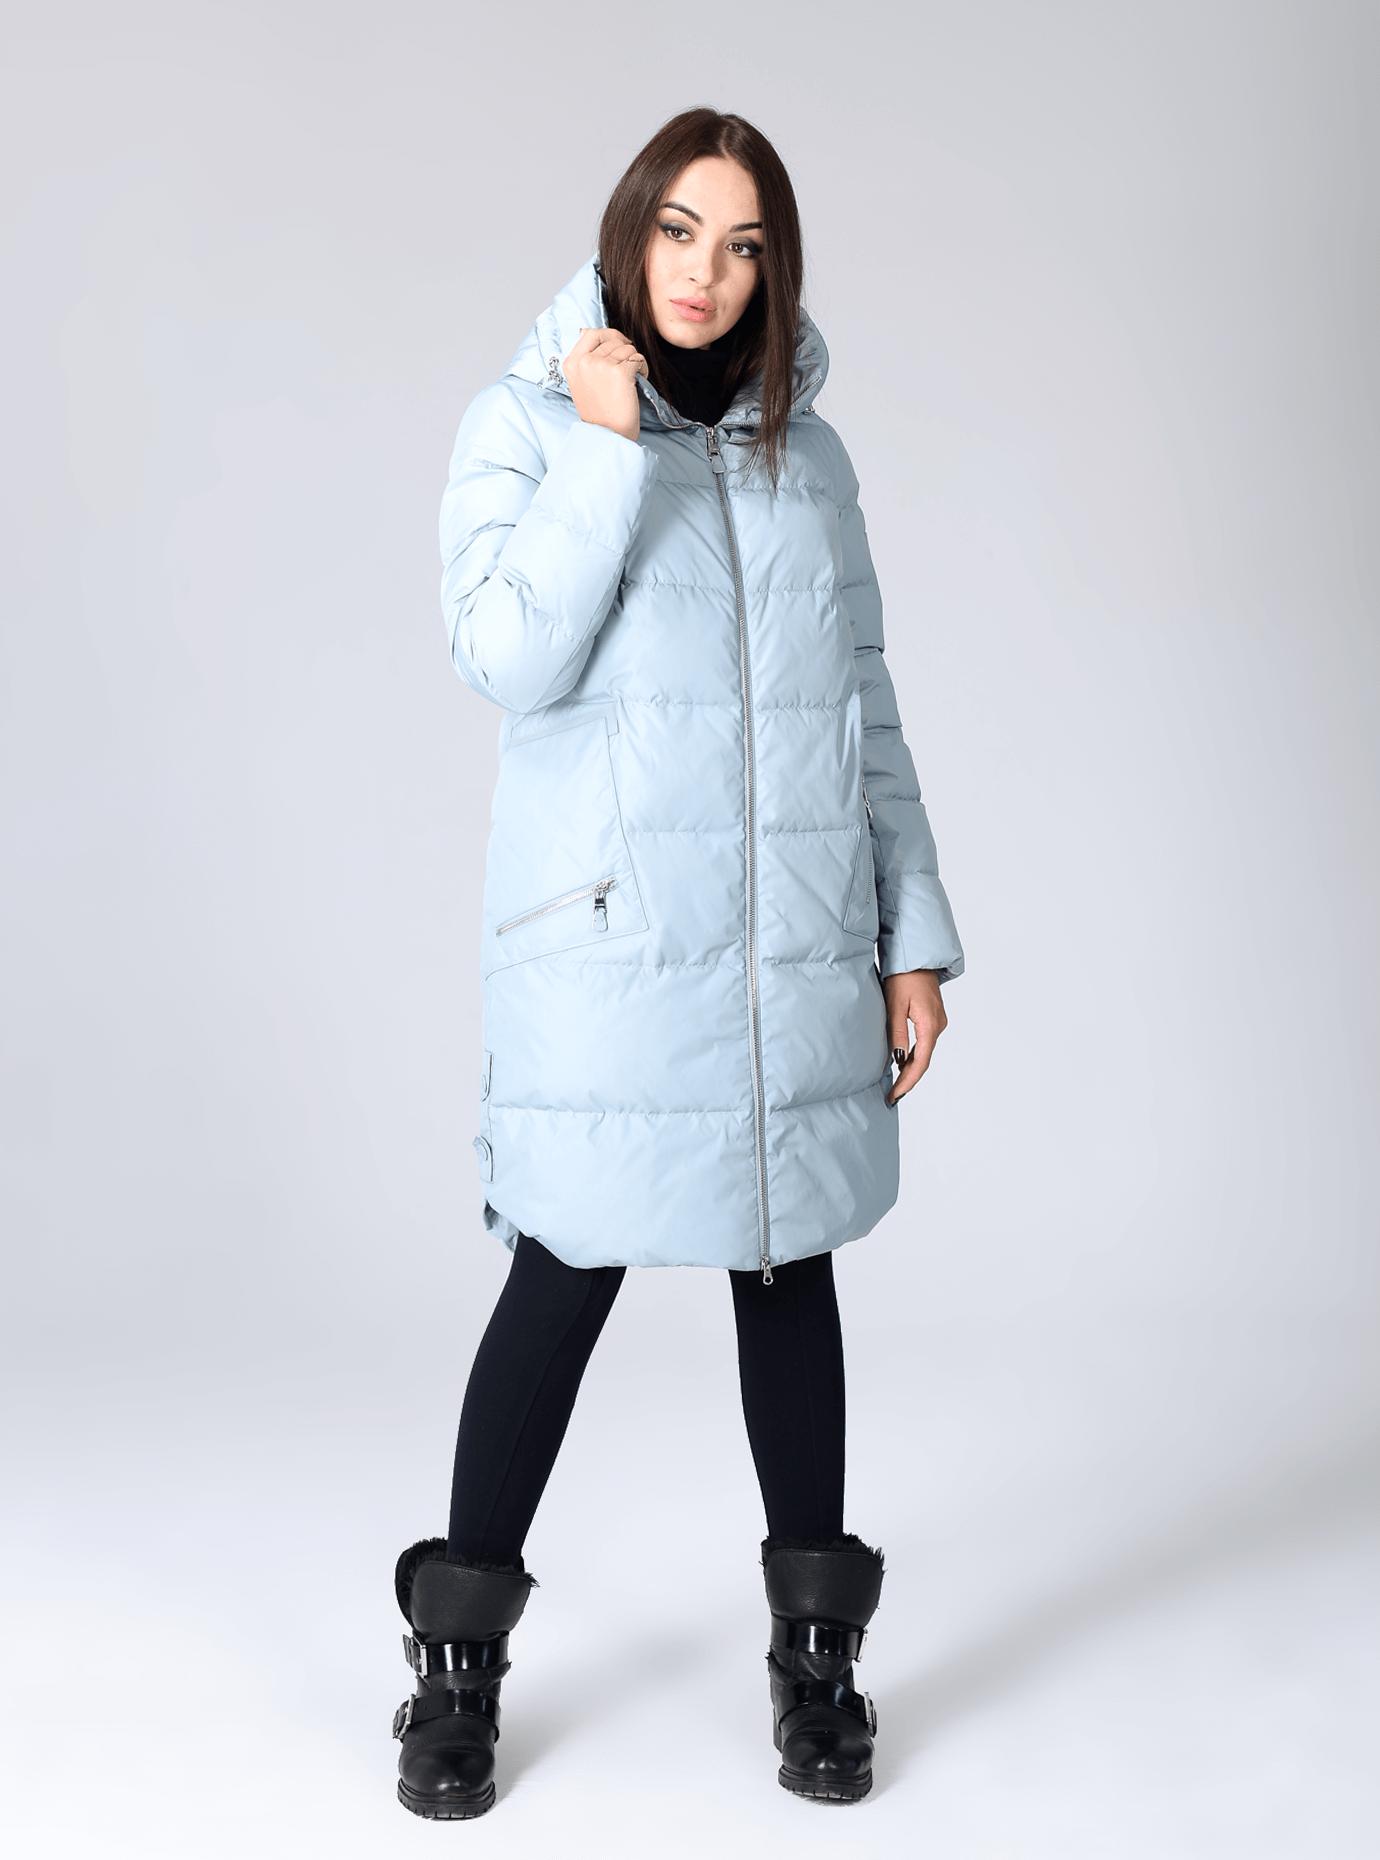 Куртка зимняя женская свободный фасон Чёрный S (02-CR170332): фото - Alster.ua